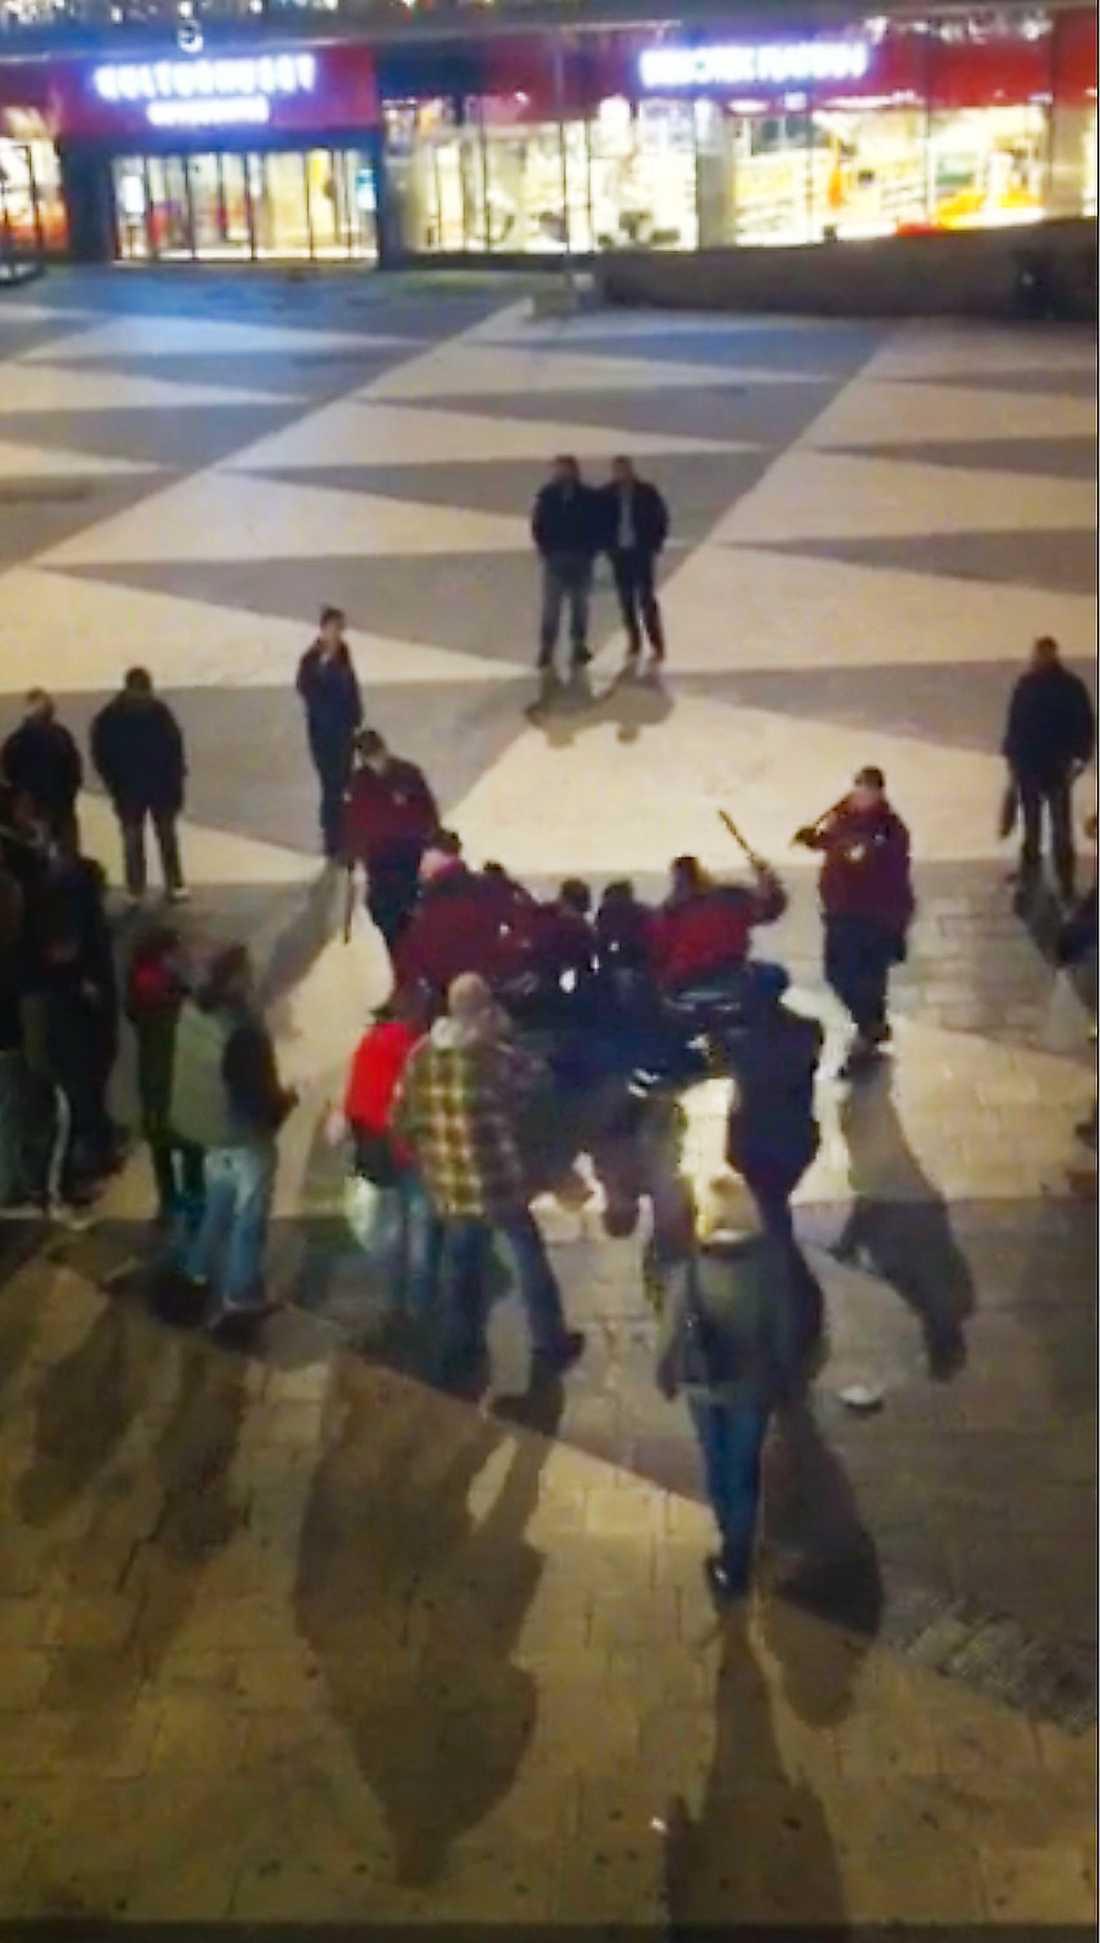 SLÅR MED BATONG Ordningsvakterna öser enligt vittnen slag med batong mot den liggande hemlösa 45-åringen de just kört ut från tunnelbanan. Misshandeln sker mitt i vimlet på Sergels torg.